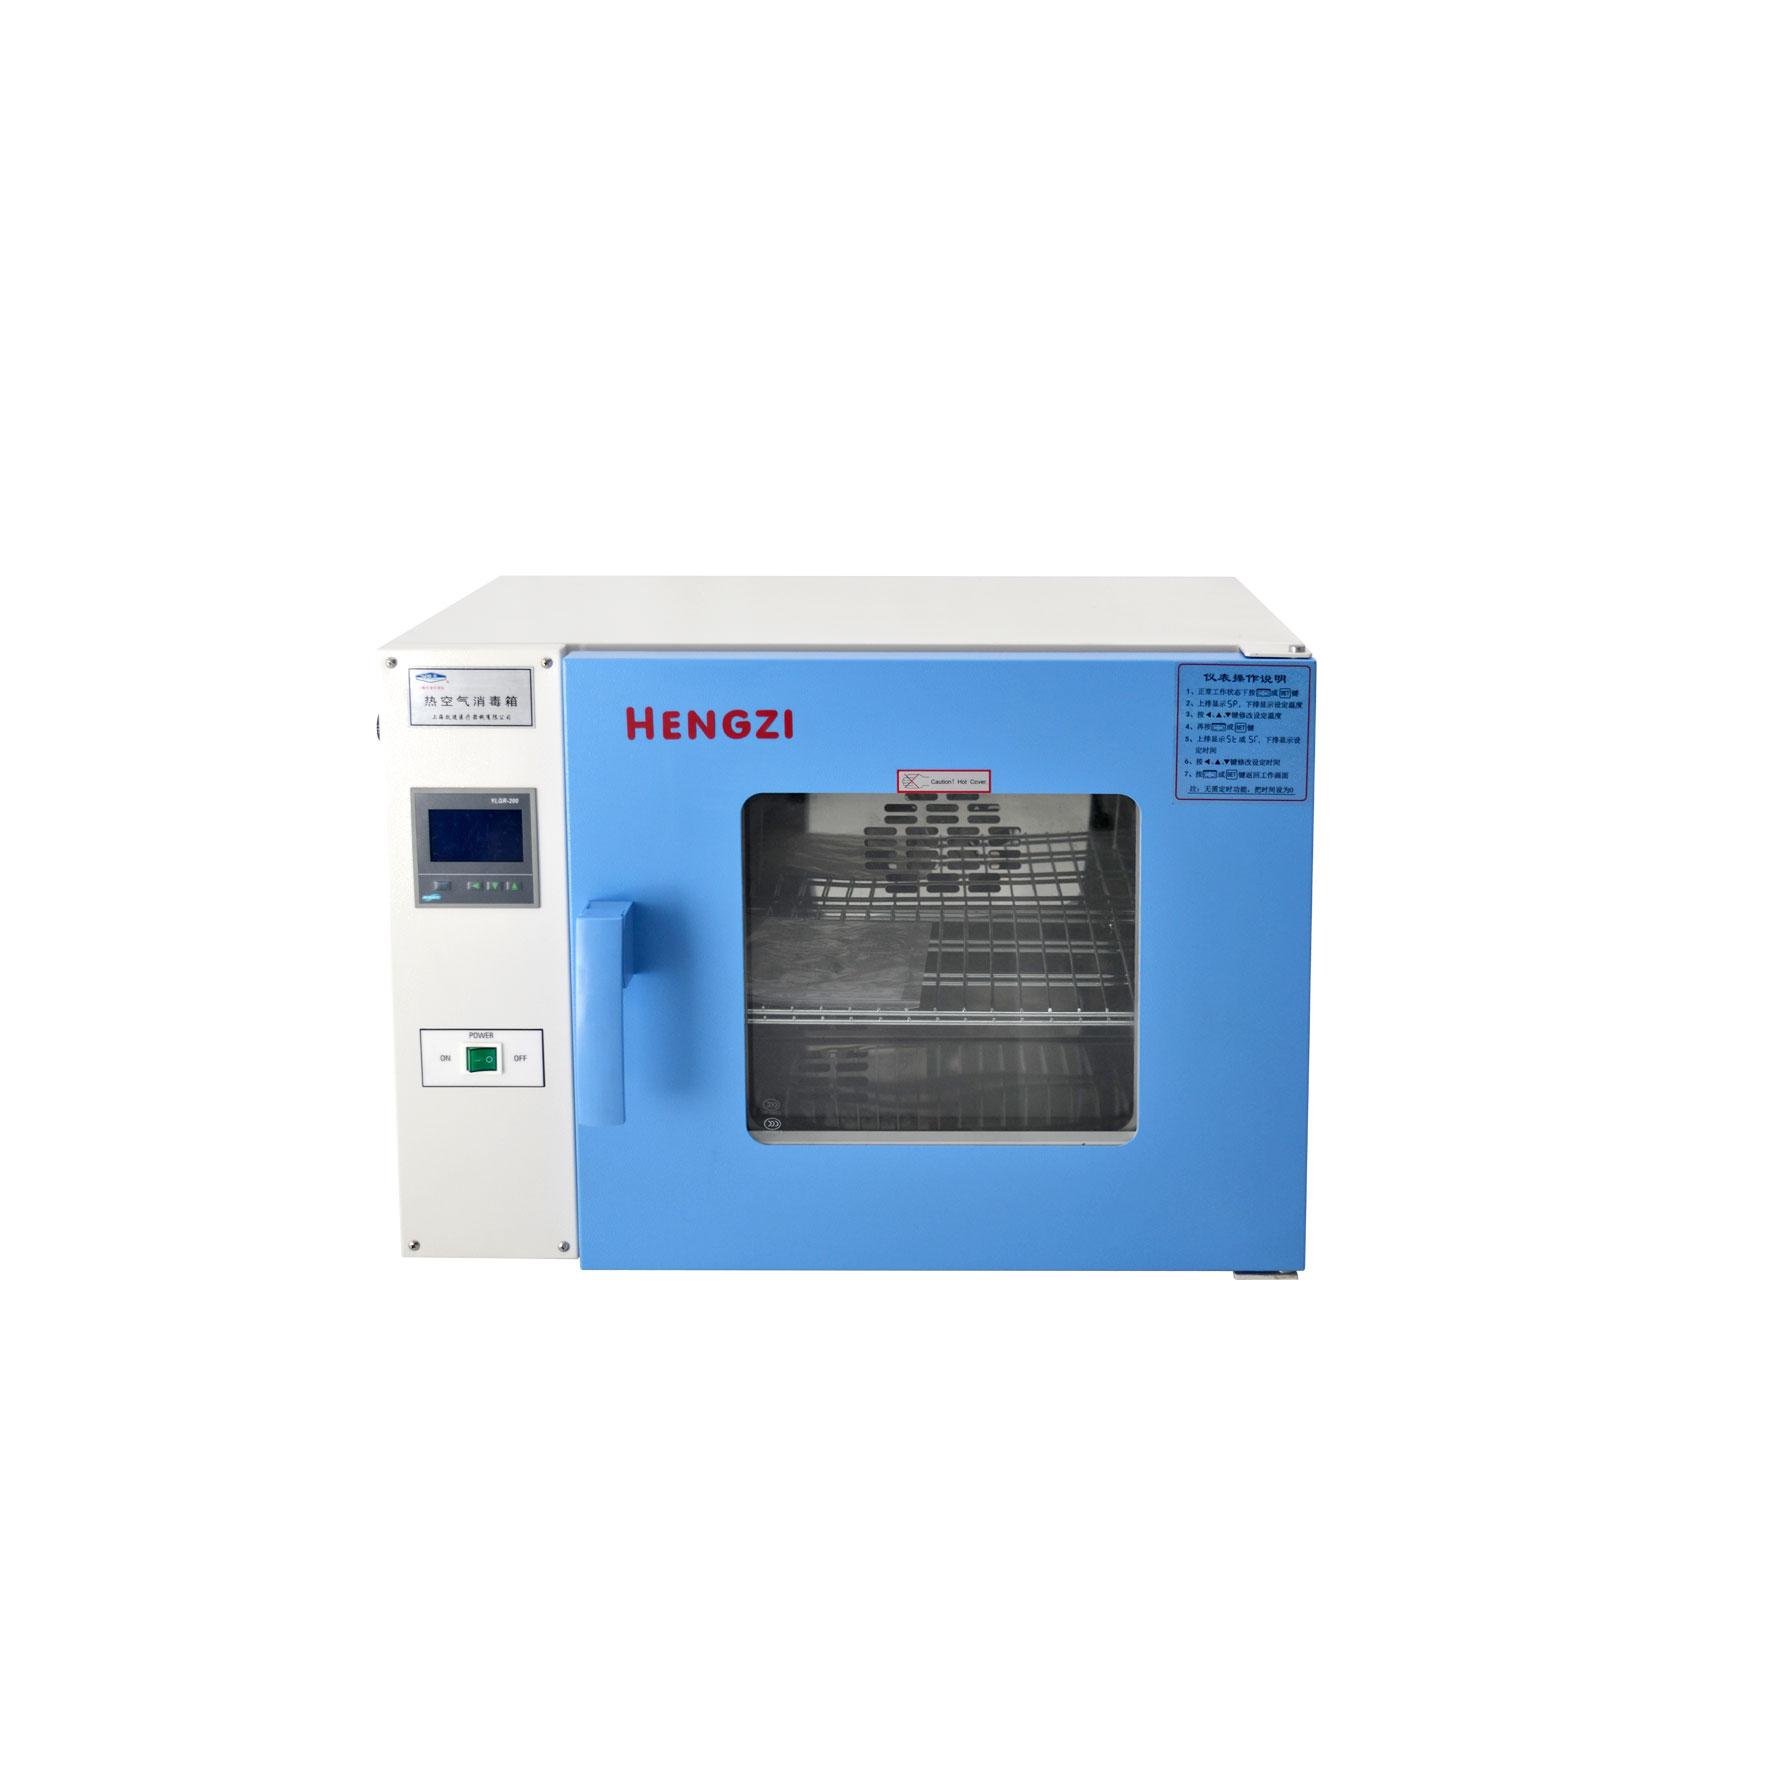 上海跃进HGRF-9203热空气消毒箱(液晶显示)